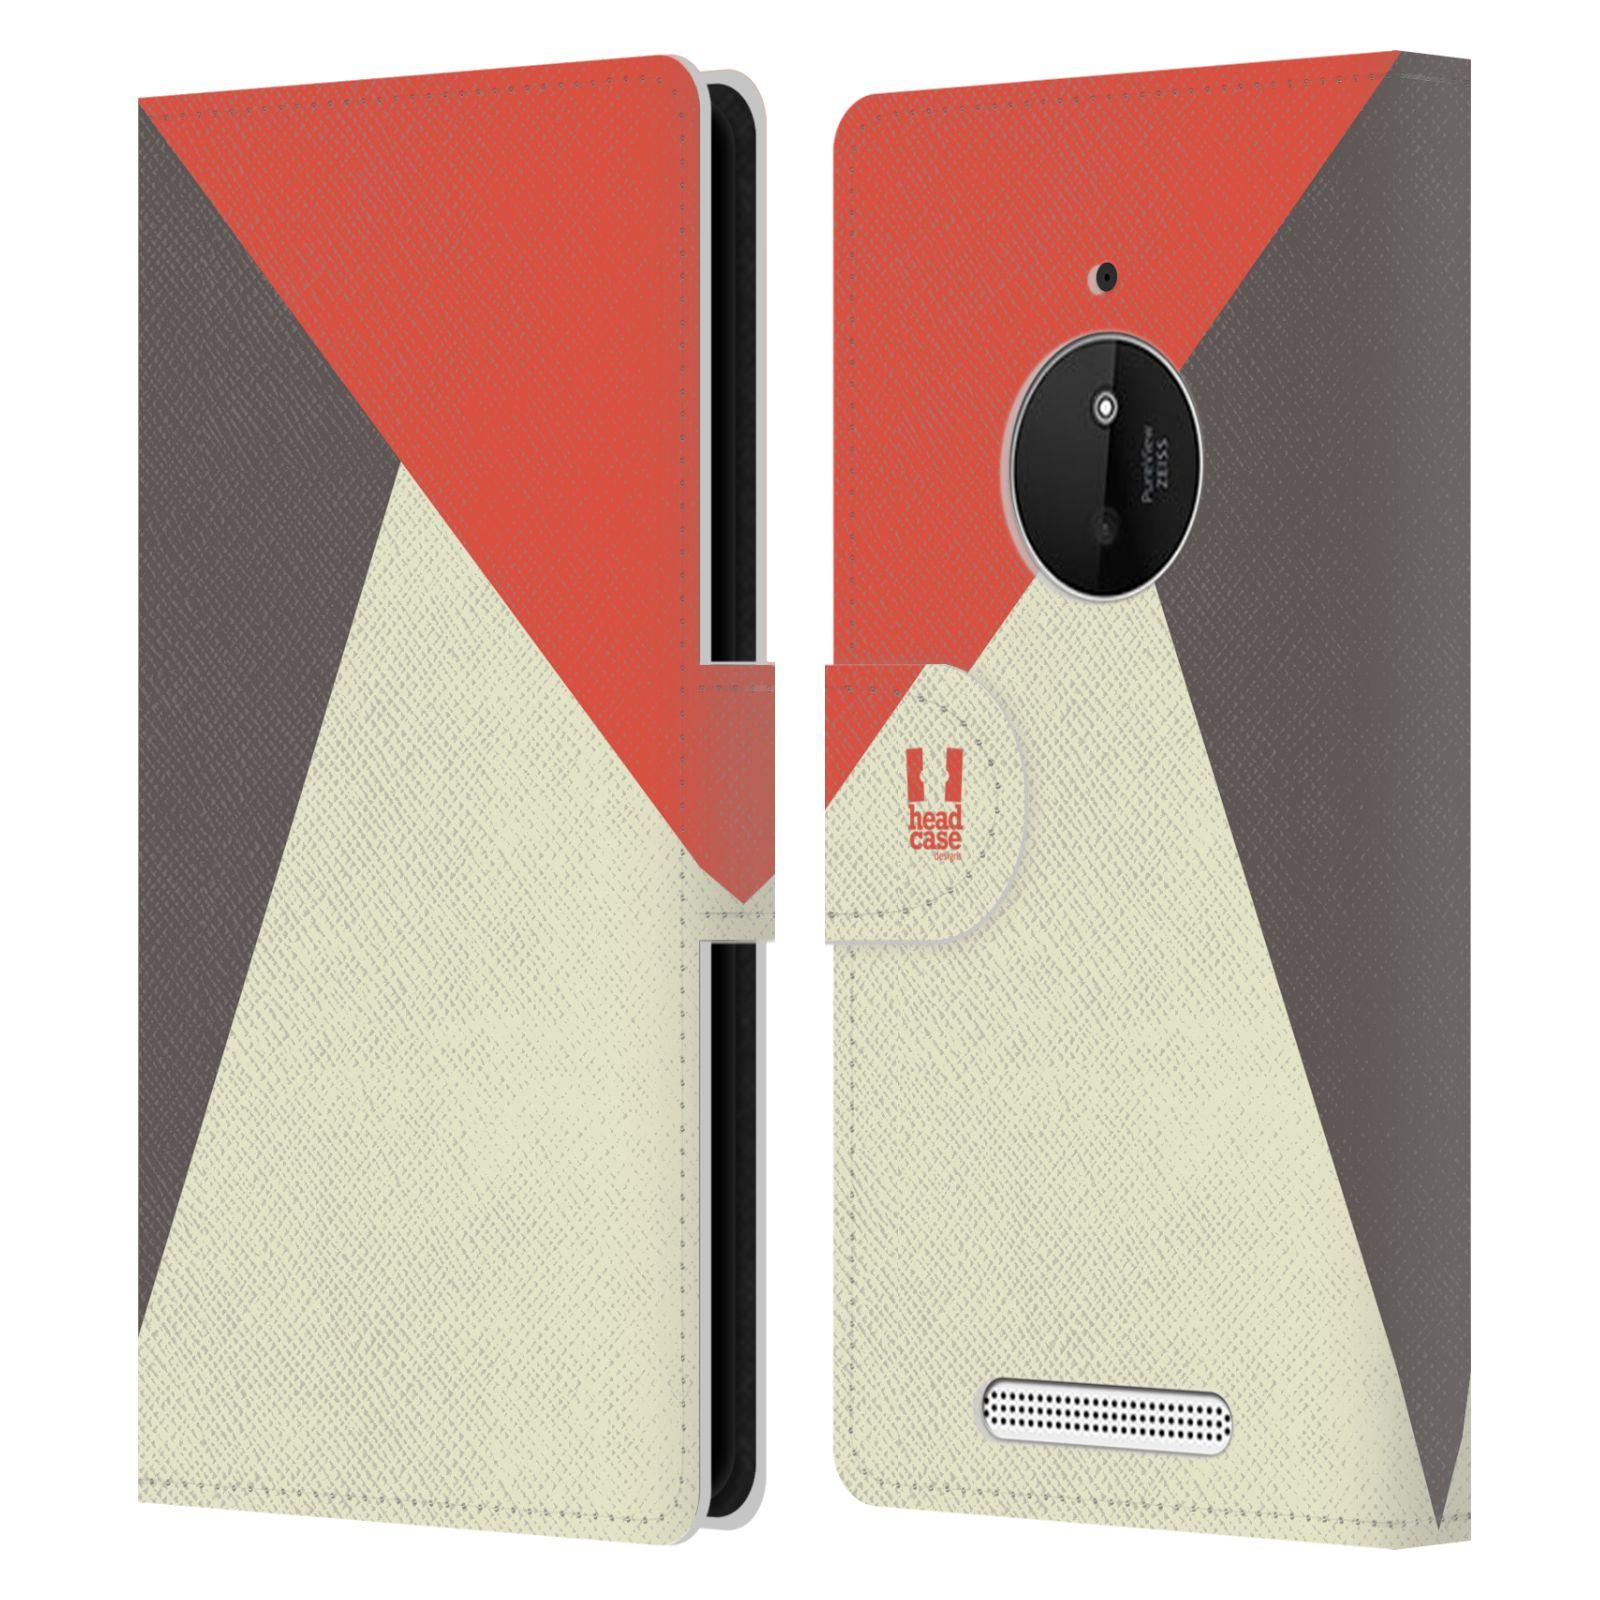 HEAD CASE Flipové pouzdro pro mobil Nokia LUMIA 830 barevné tvary červená a šedá COOL